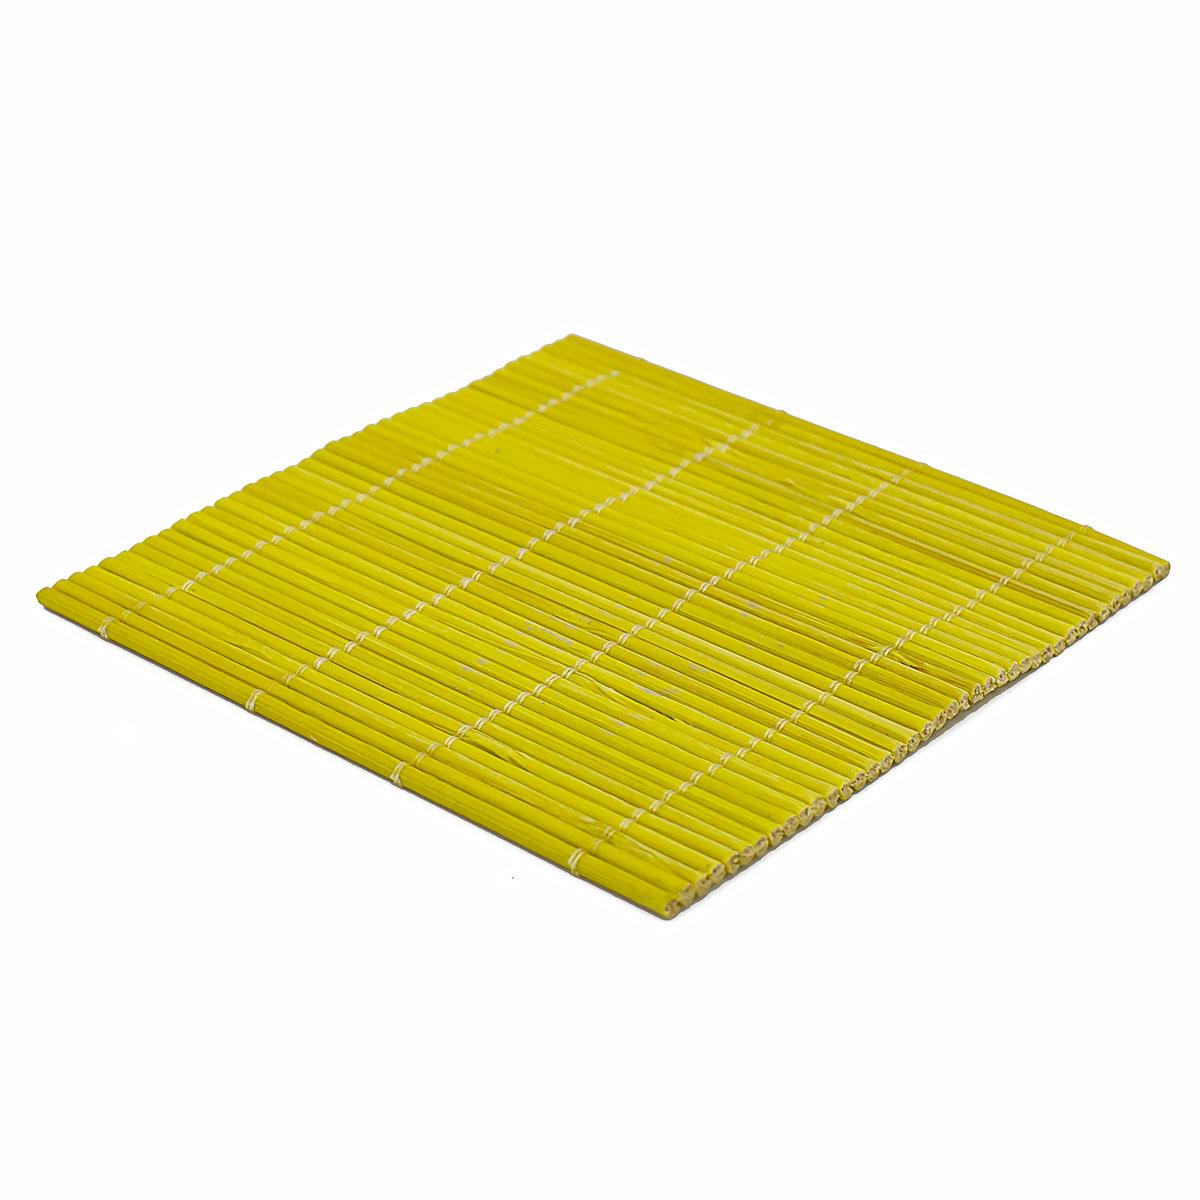 Набор чайных циновок (бамбук), желтые, 10 х 10 см, 5 шт/упак